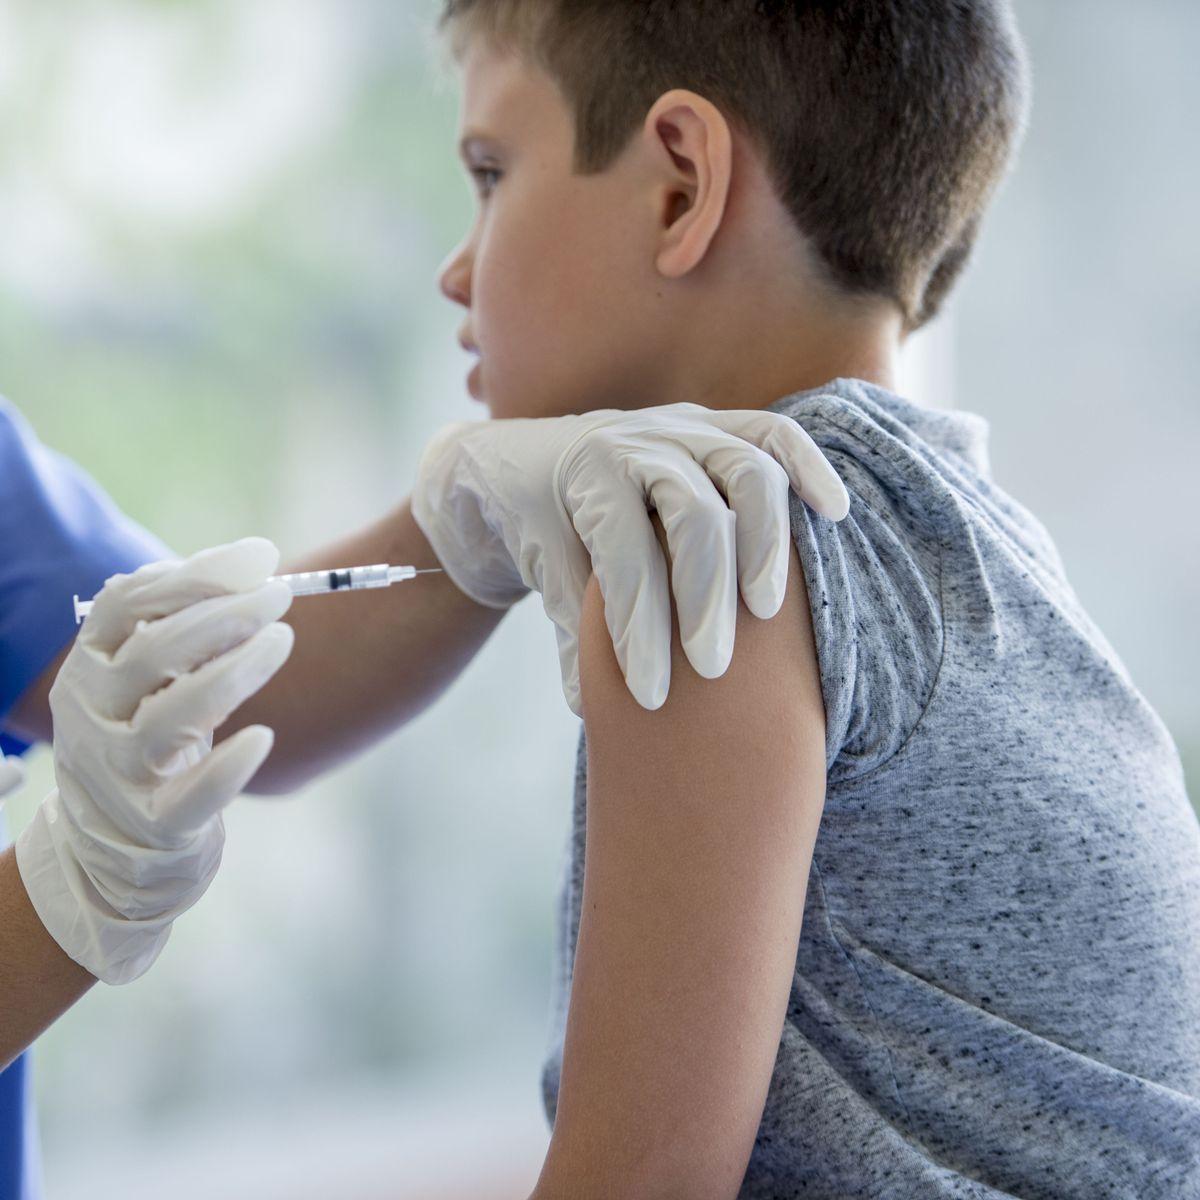 Hpv impfung zeitraum. Hpv impfung zulassung.